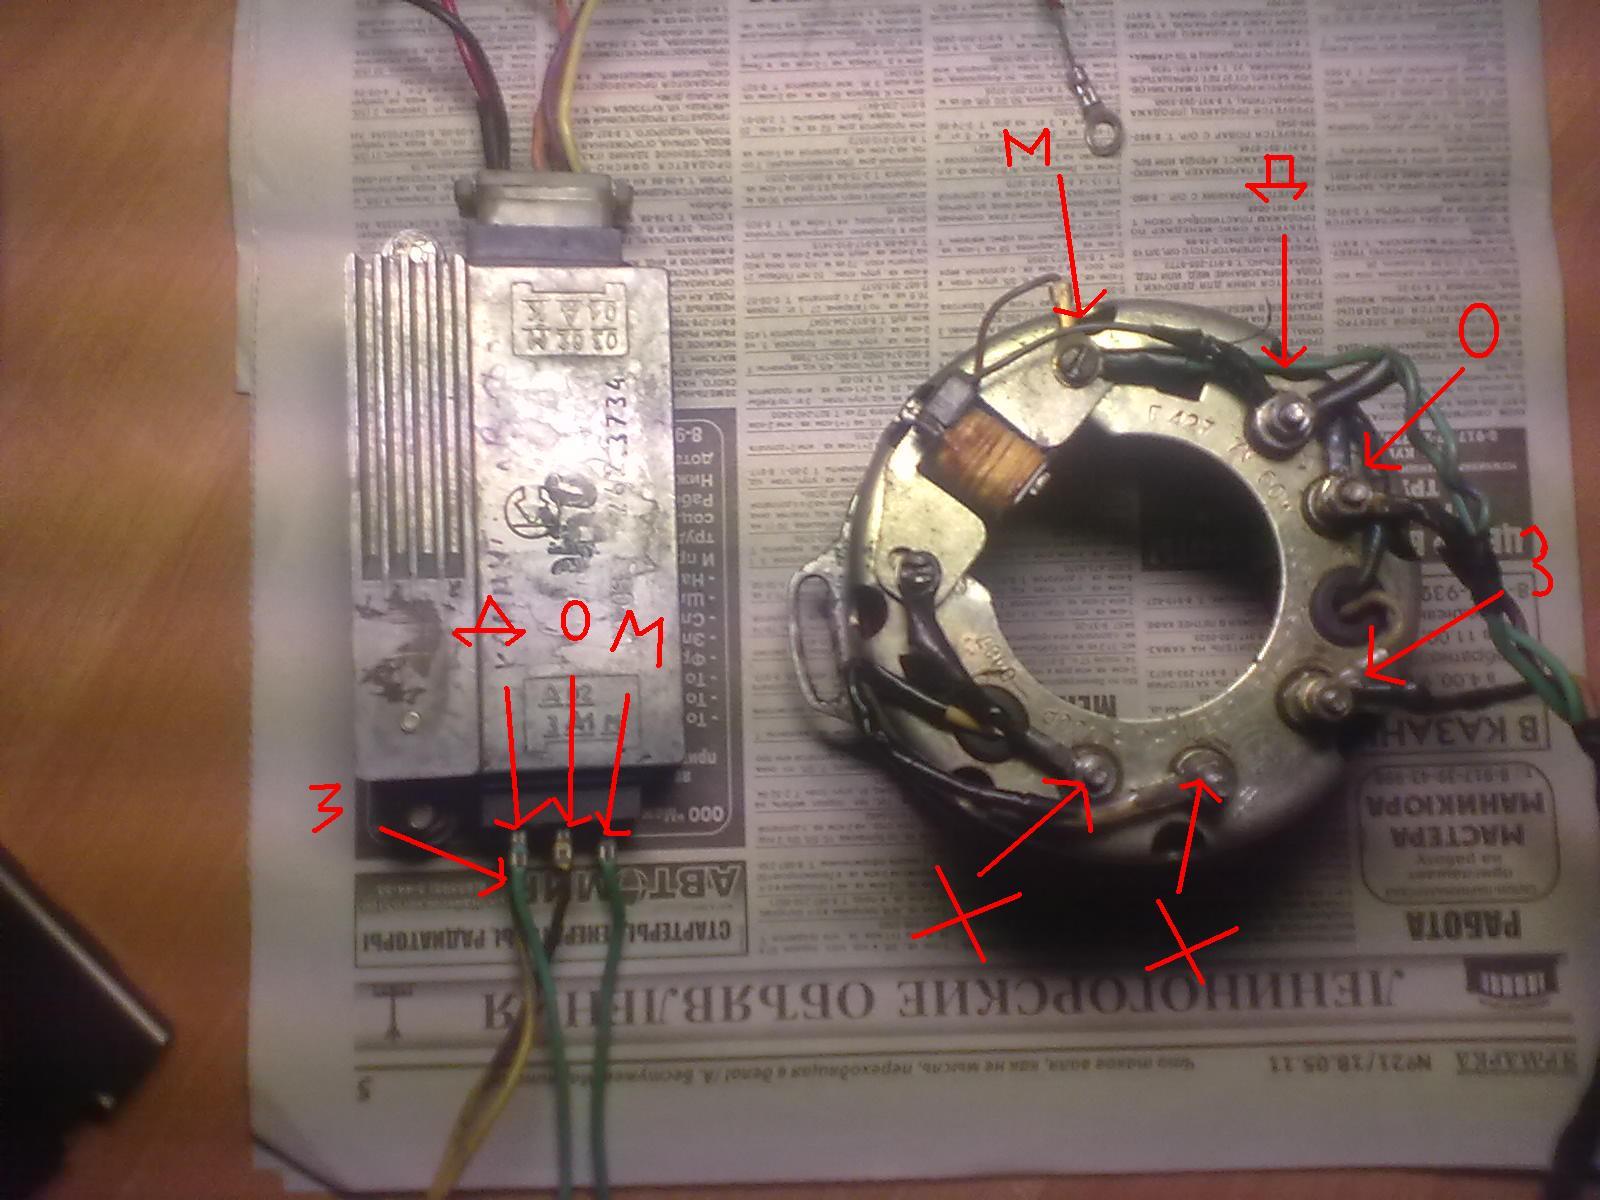 схема коммутатора кэт-1